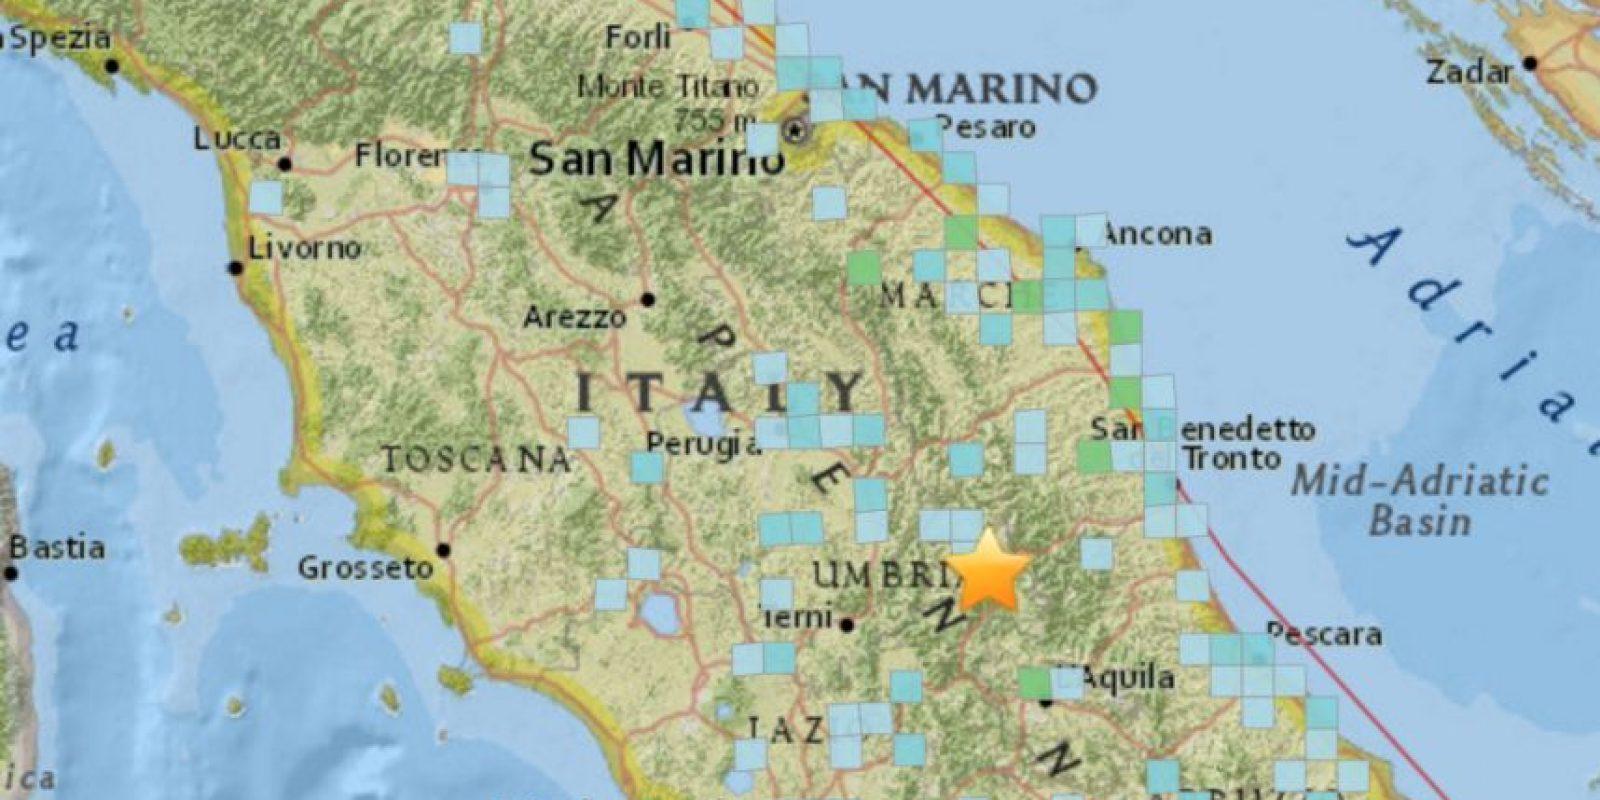 El terremoto tuvo una magnitud de 6,4 grados. Foto:USGS